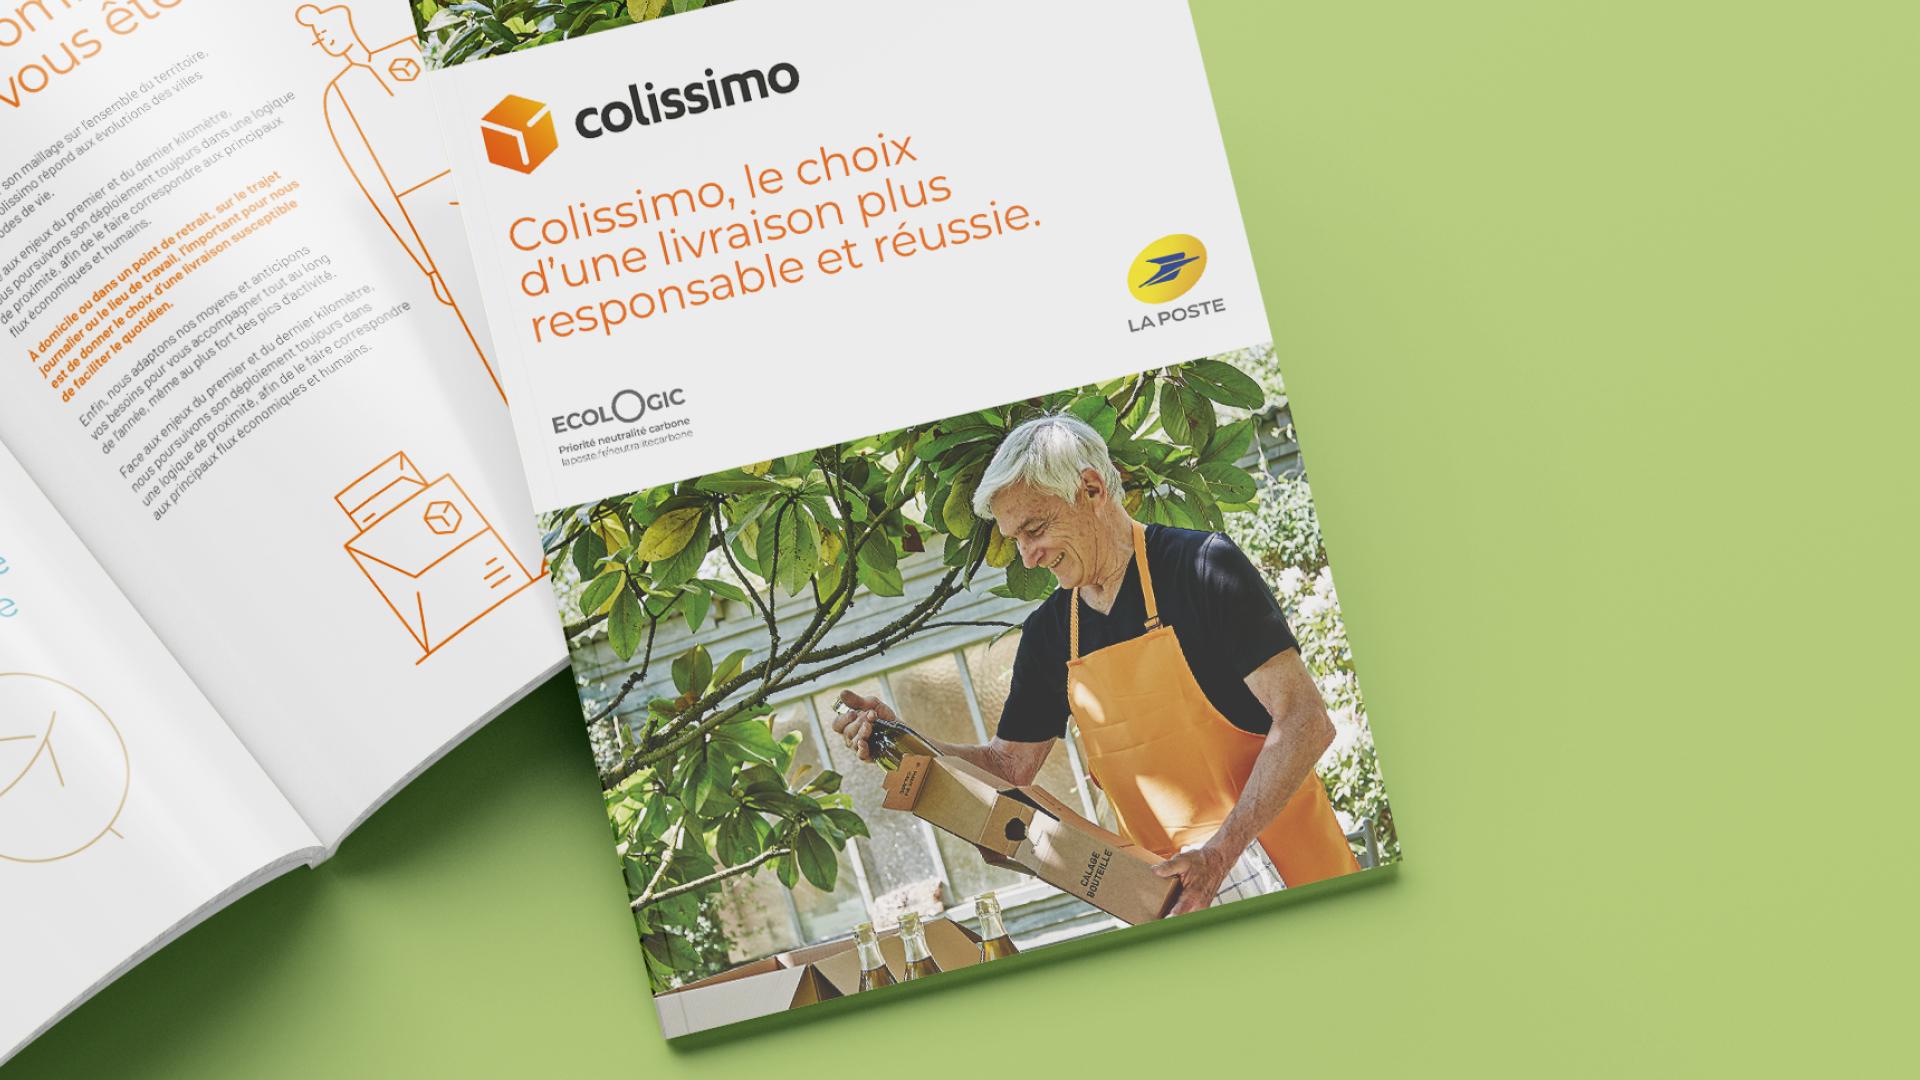 colissimo_casclient21